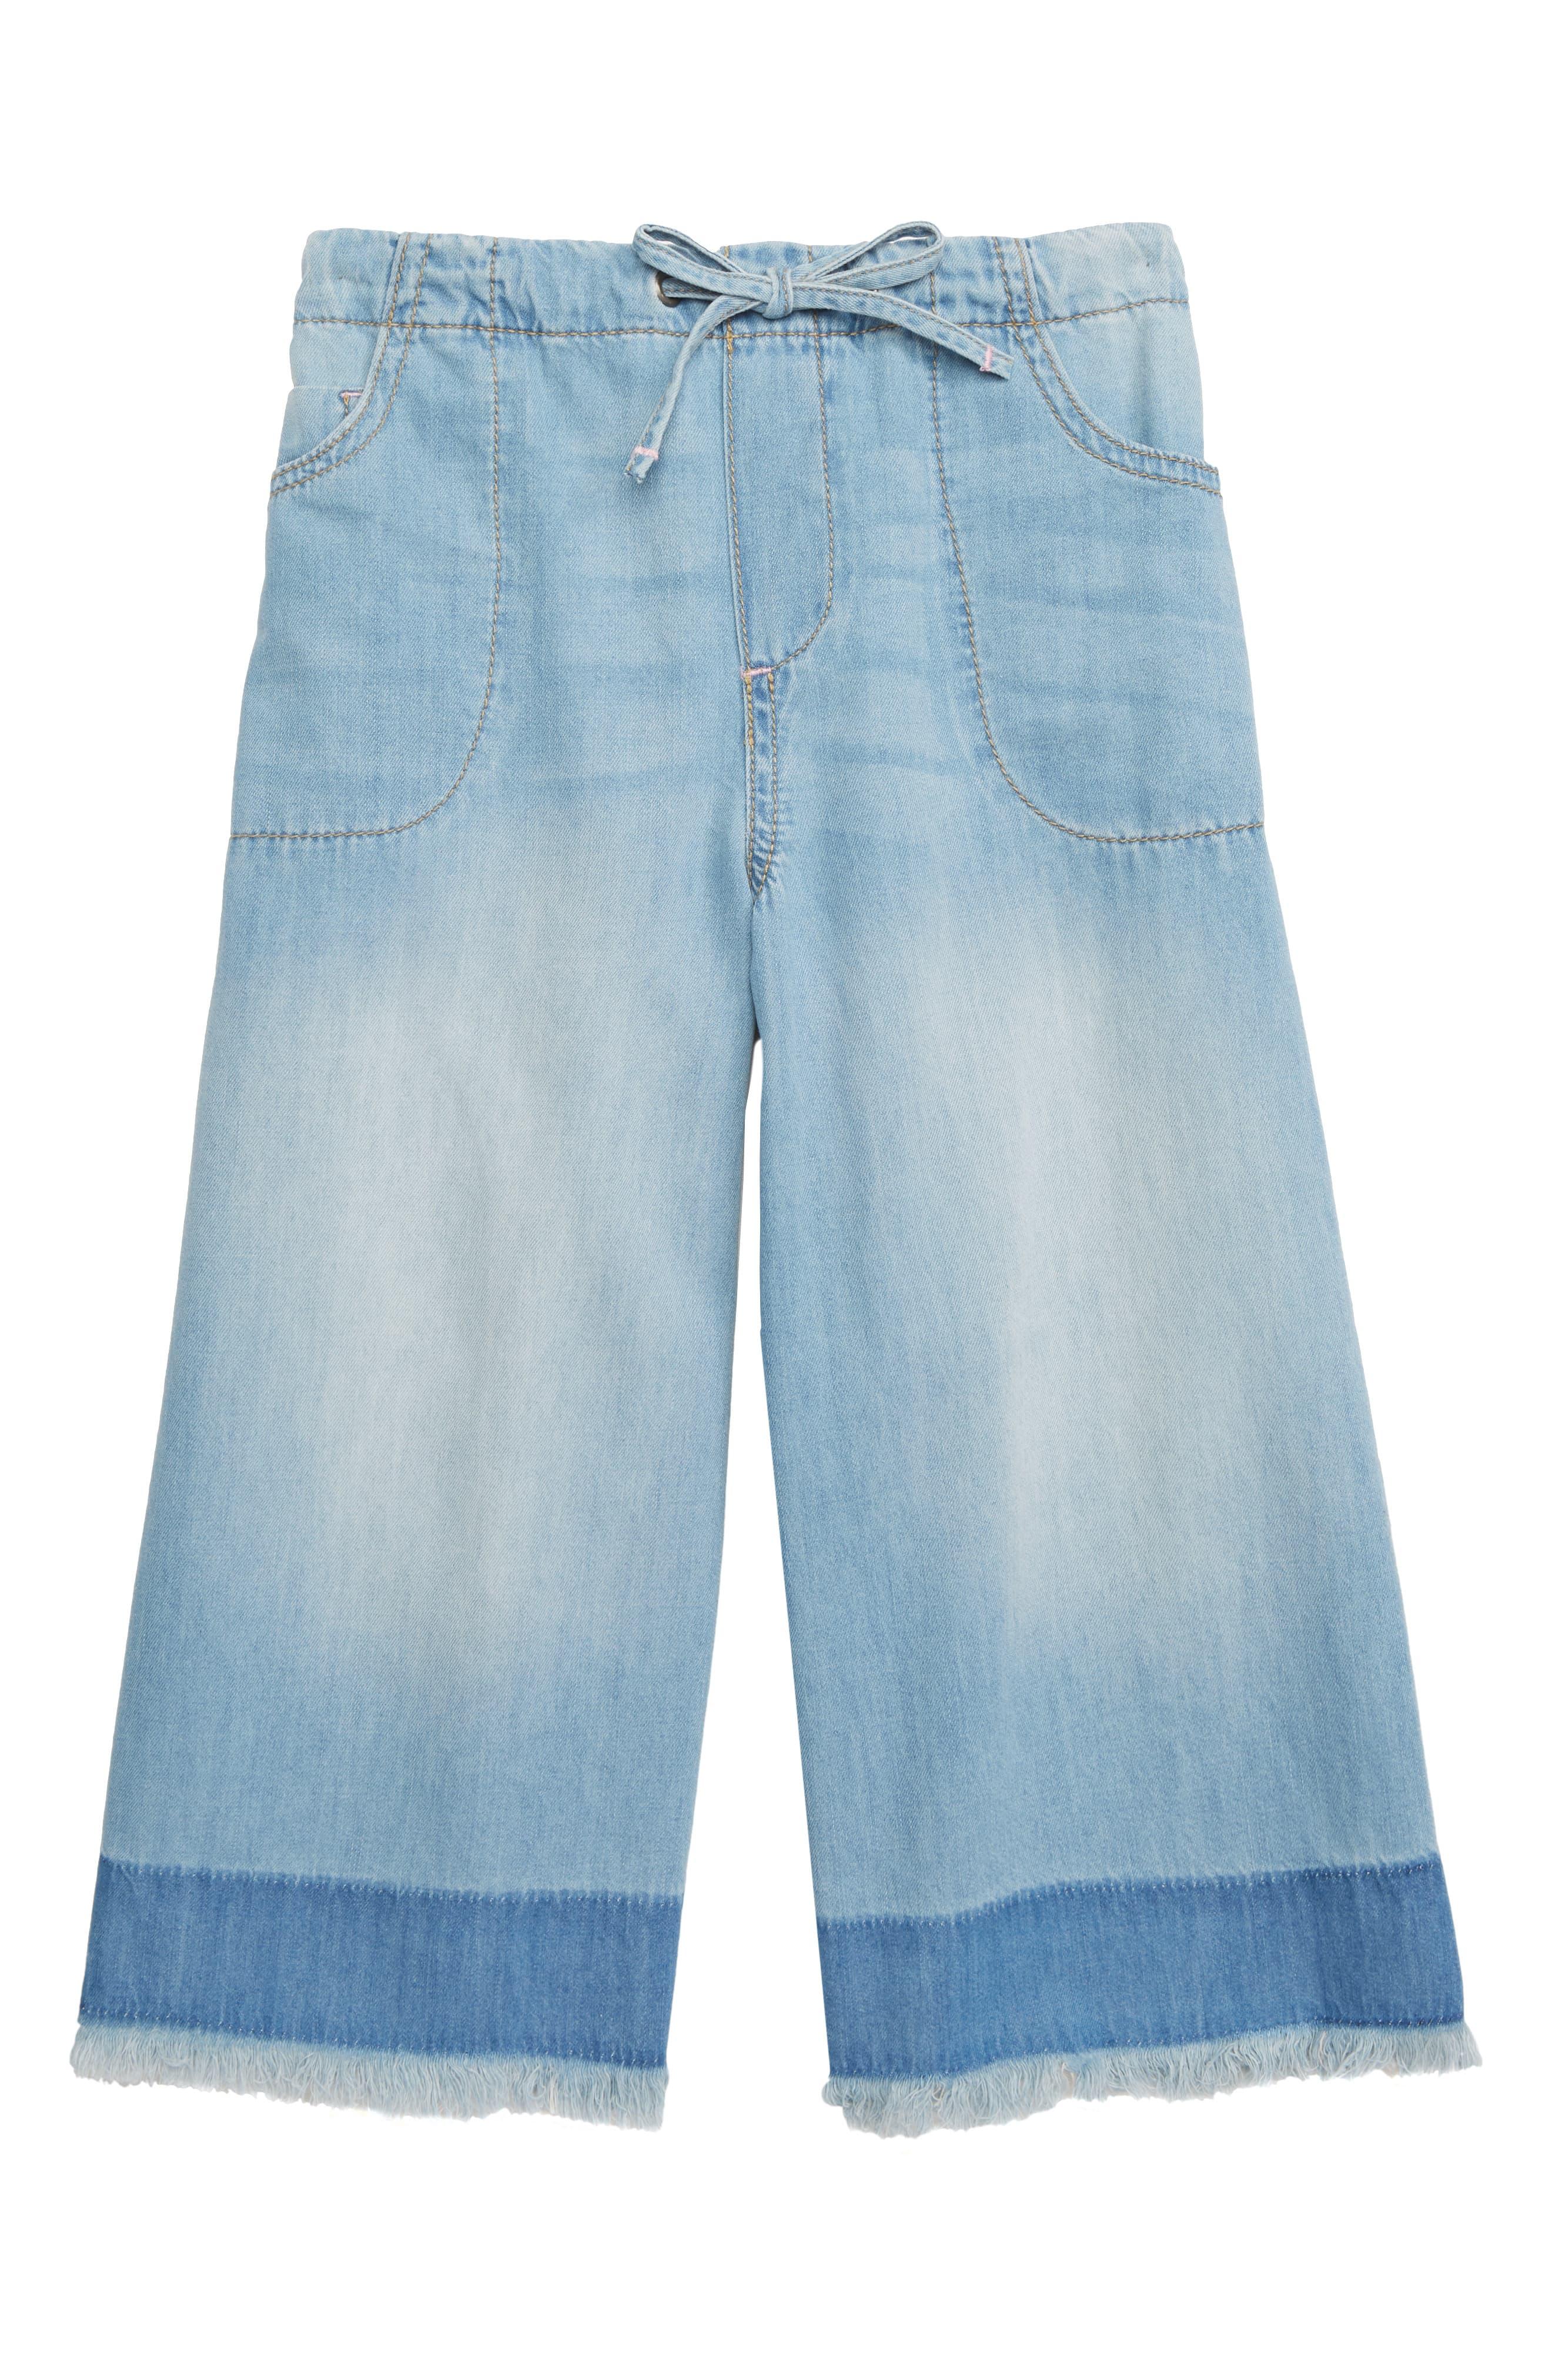 e8cb711b19 Stem Breezy Fray Hem Wide Leg Jeans in 2019 | Products | Wide leg ...